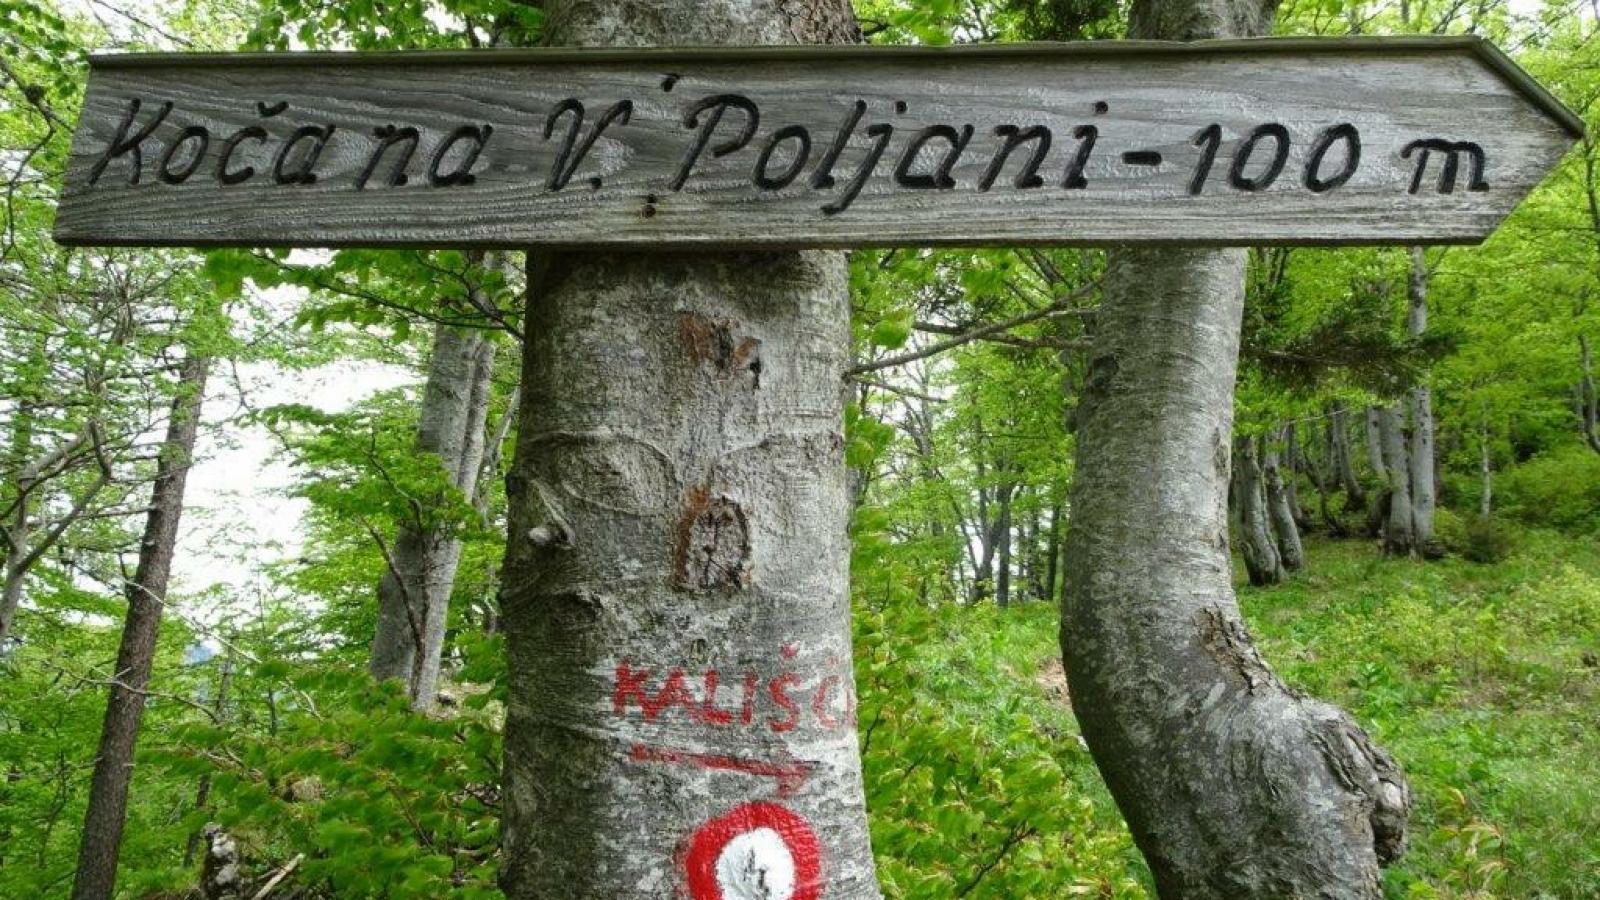 Mala in Velika Poljana (7)